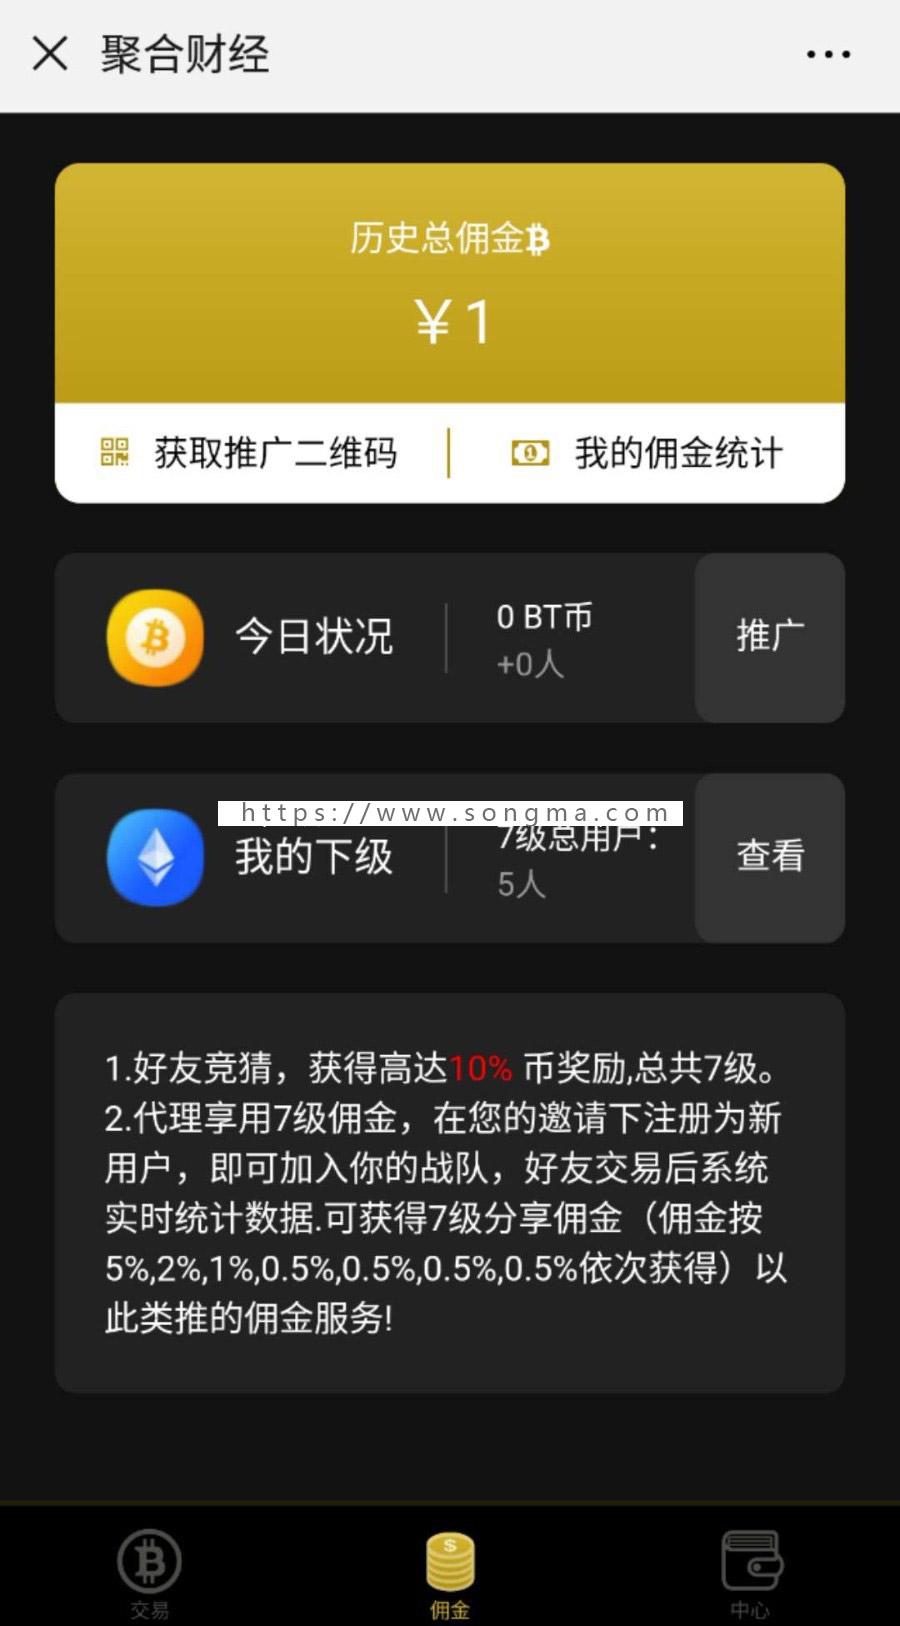 """三大交易平台官微被封""""币圈""""山雨欲来_币圈平台"""